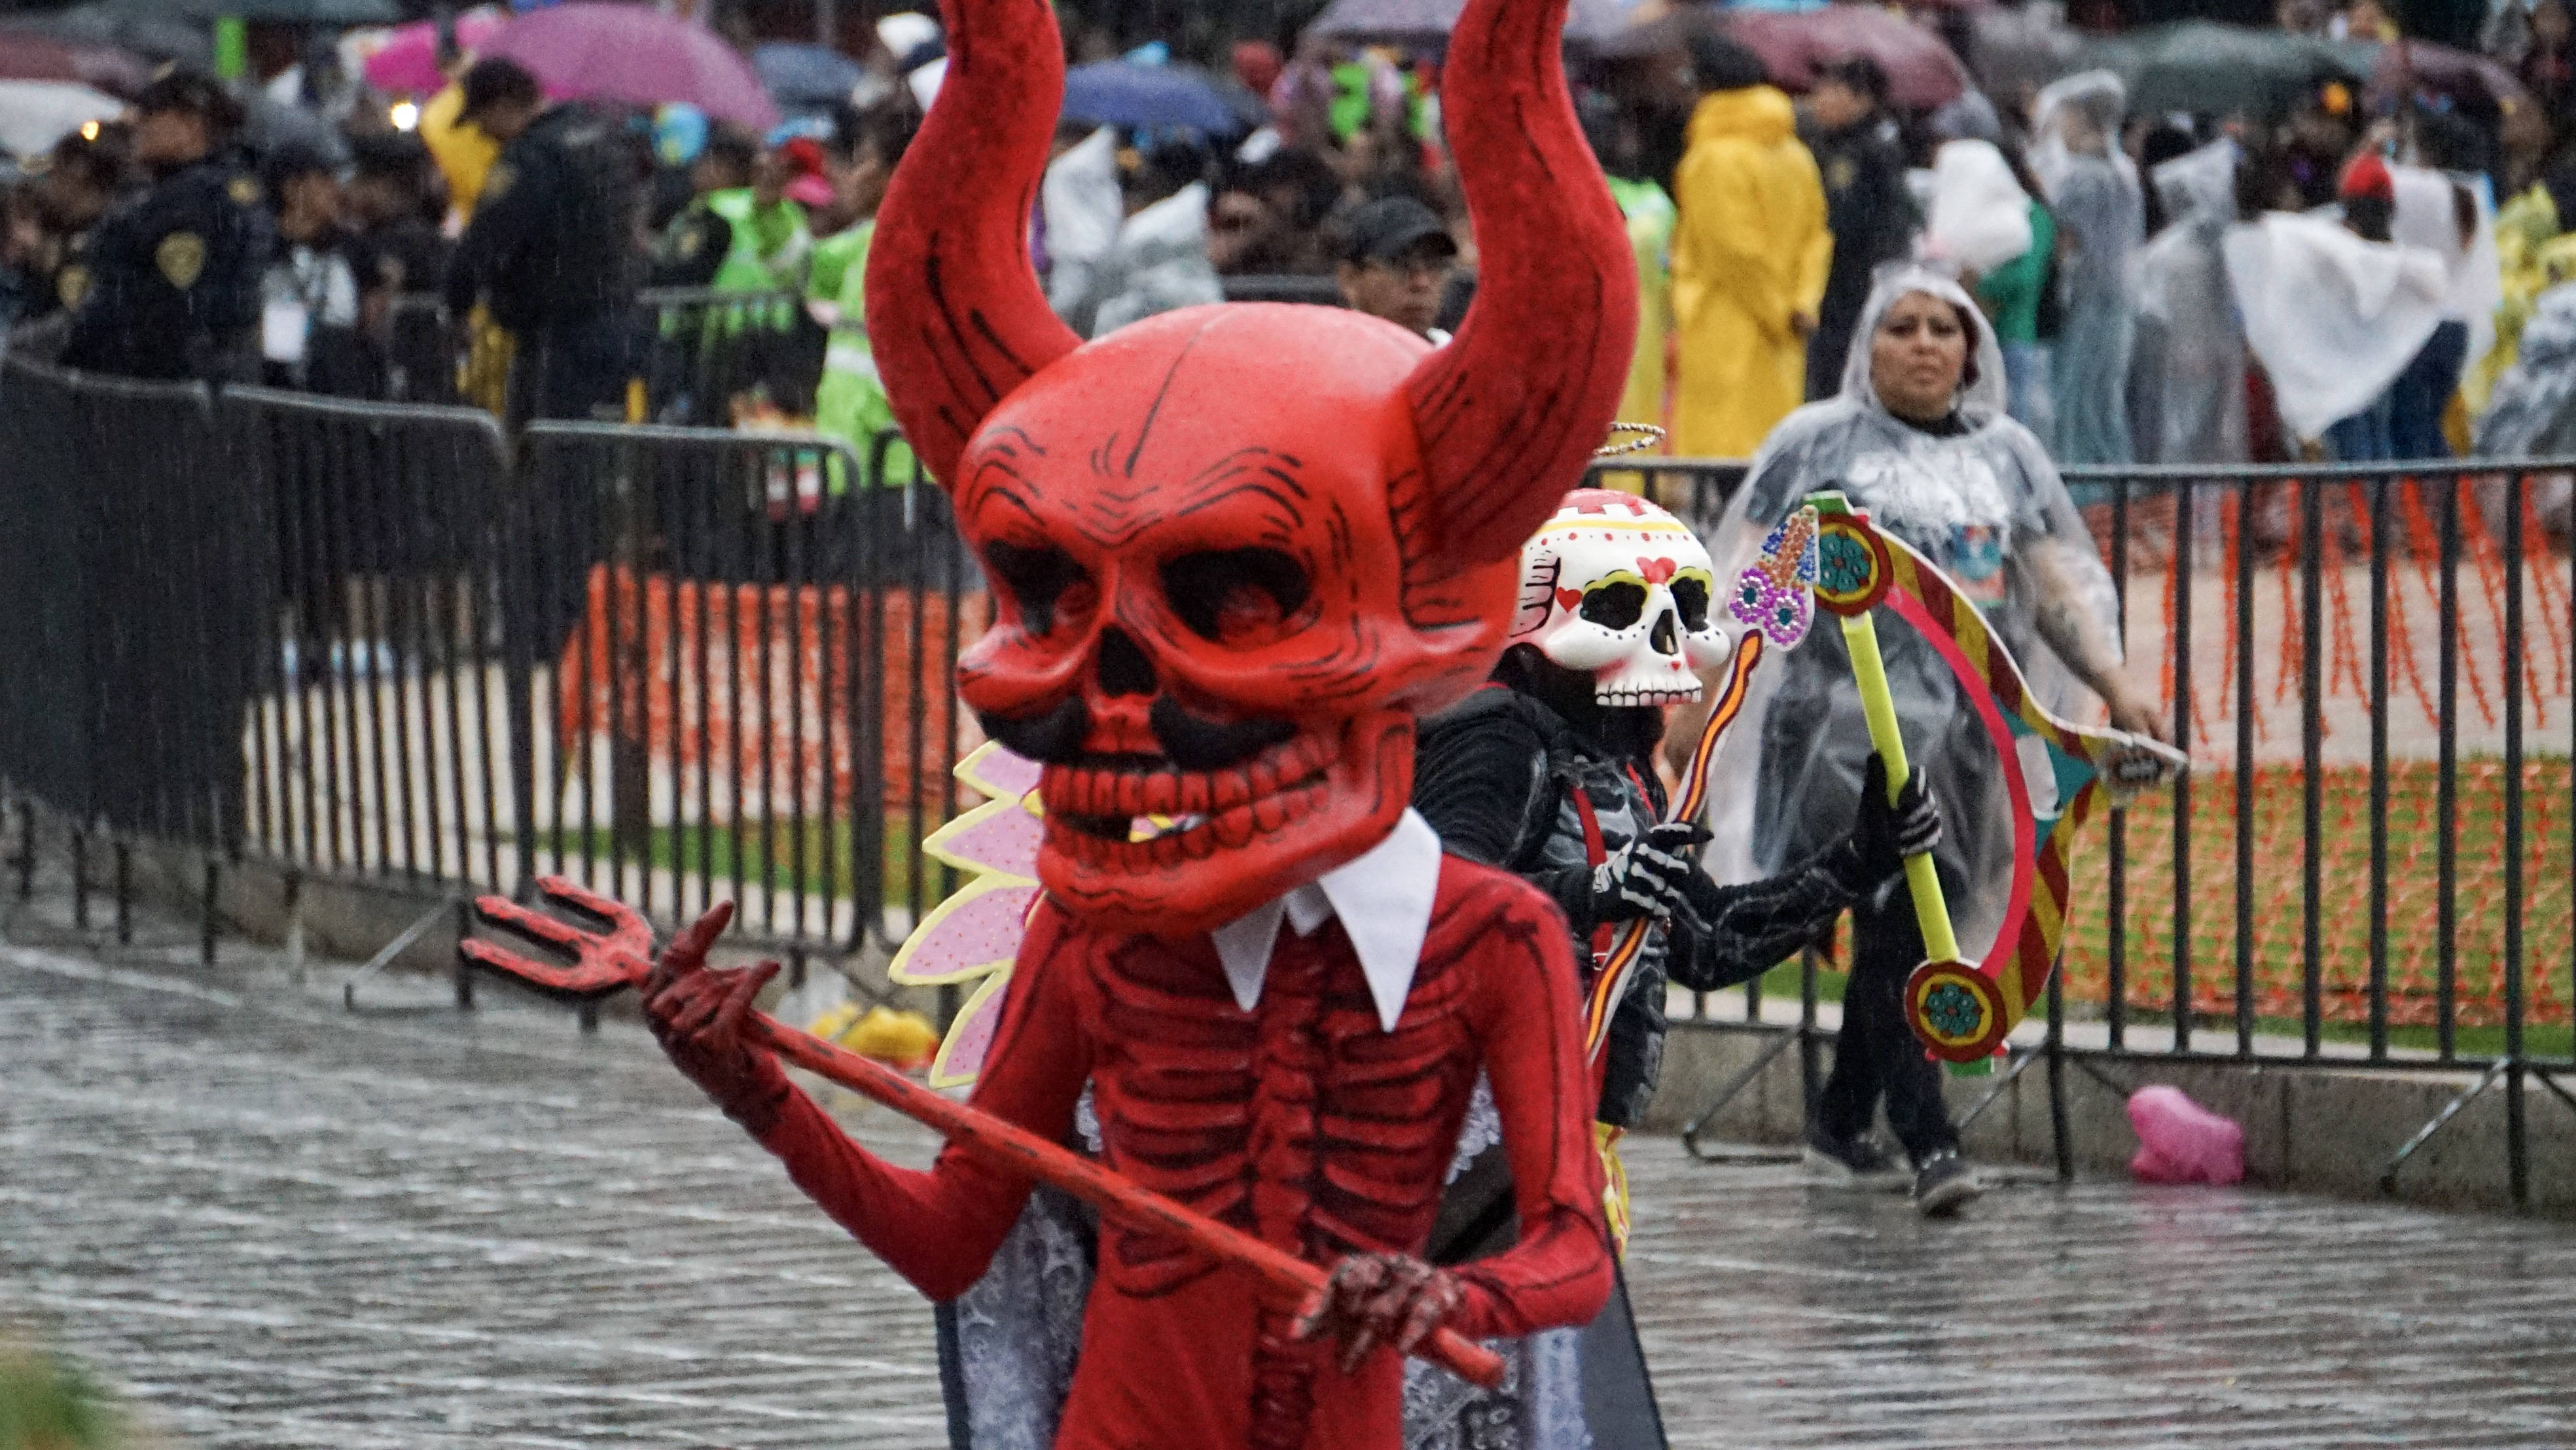 El desfile inició en el Zócalo de Ciudad de México y terminó cuadras adelante del Ángel de la Independencia